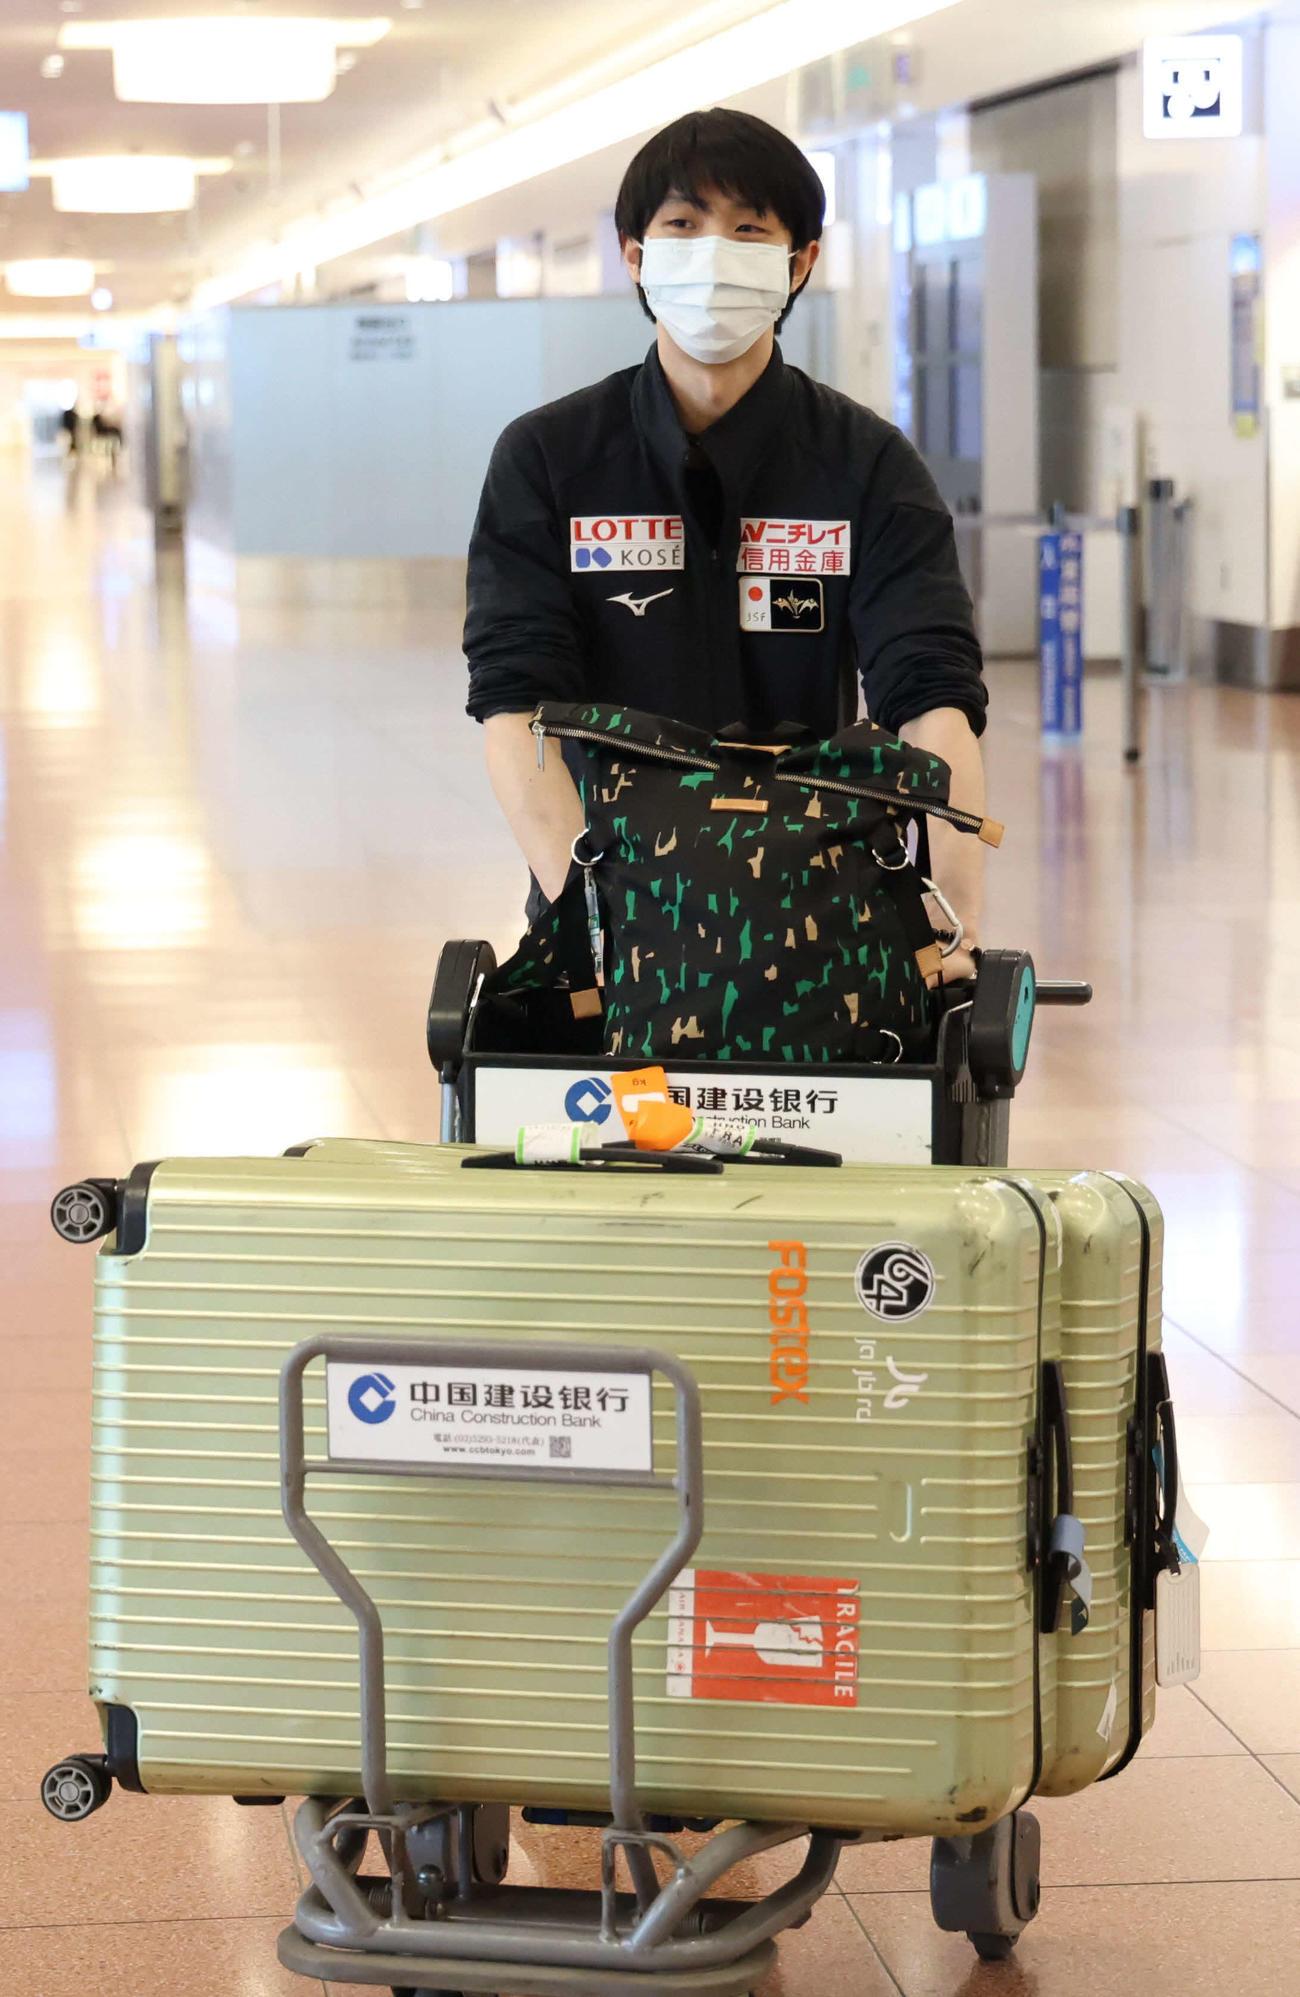 3月、世界選手権を終え、帰国した羽生